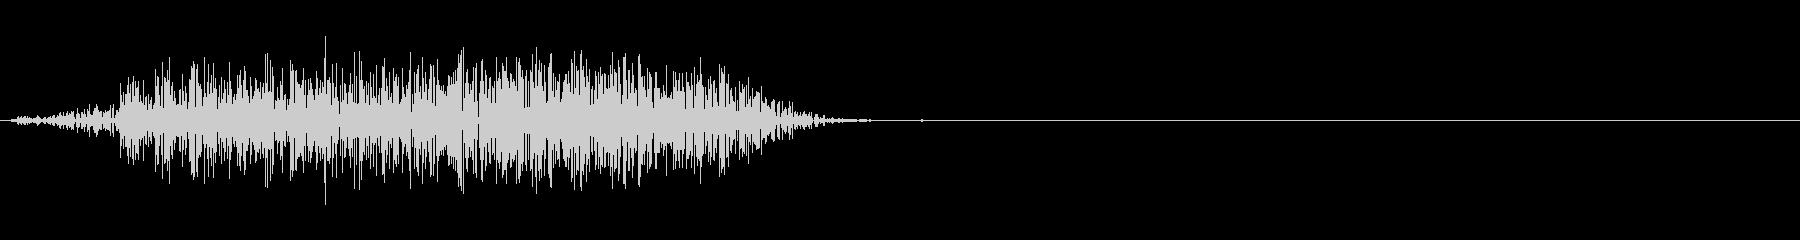 【SE】風切り音ナイフ、ダガー等02の未再生の波形